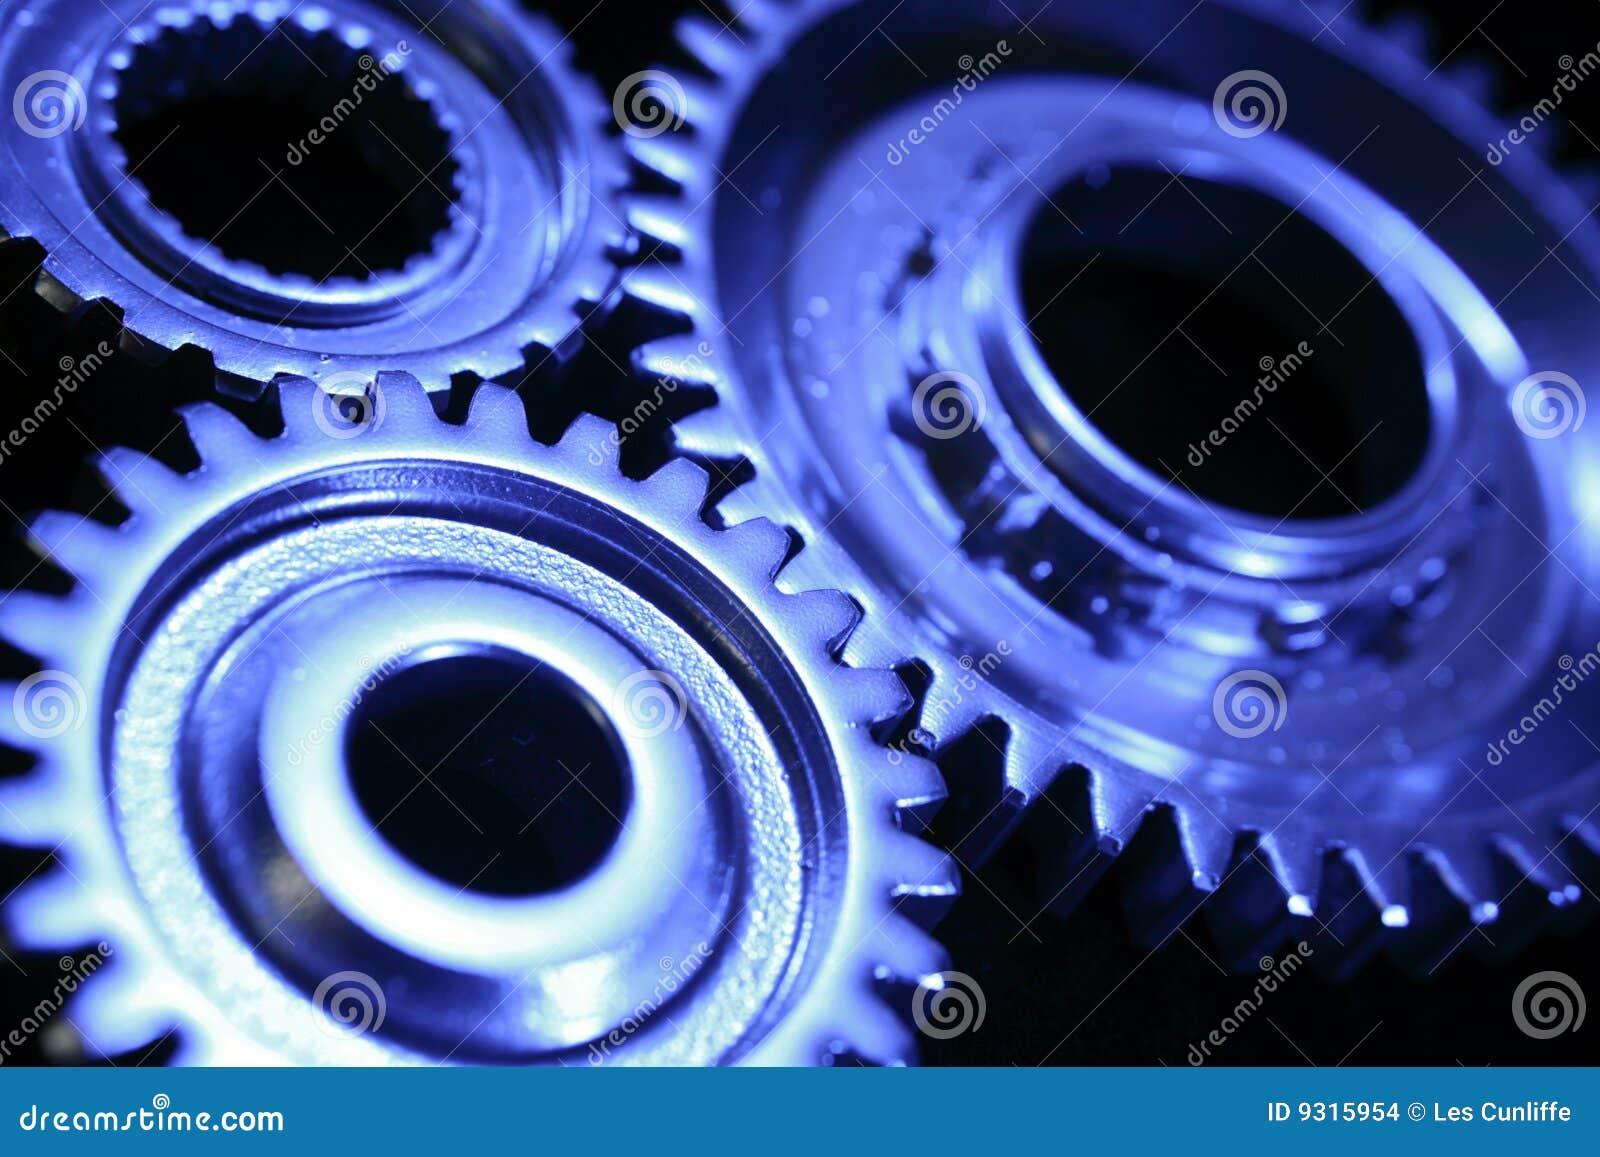 嵌齿轮轮子